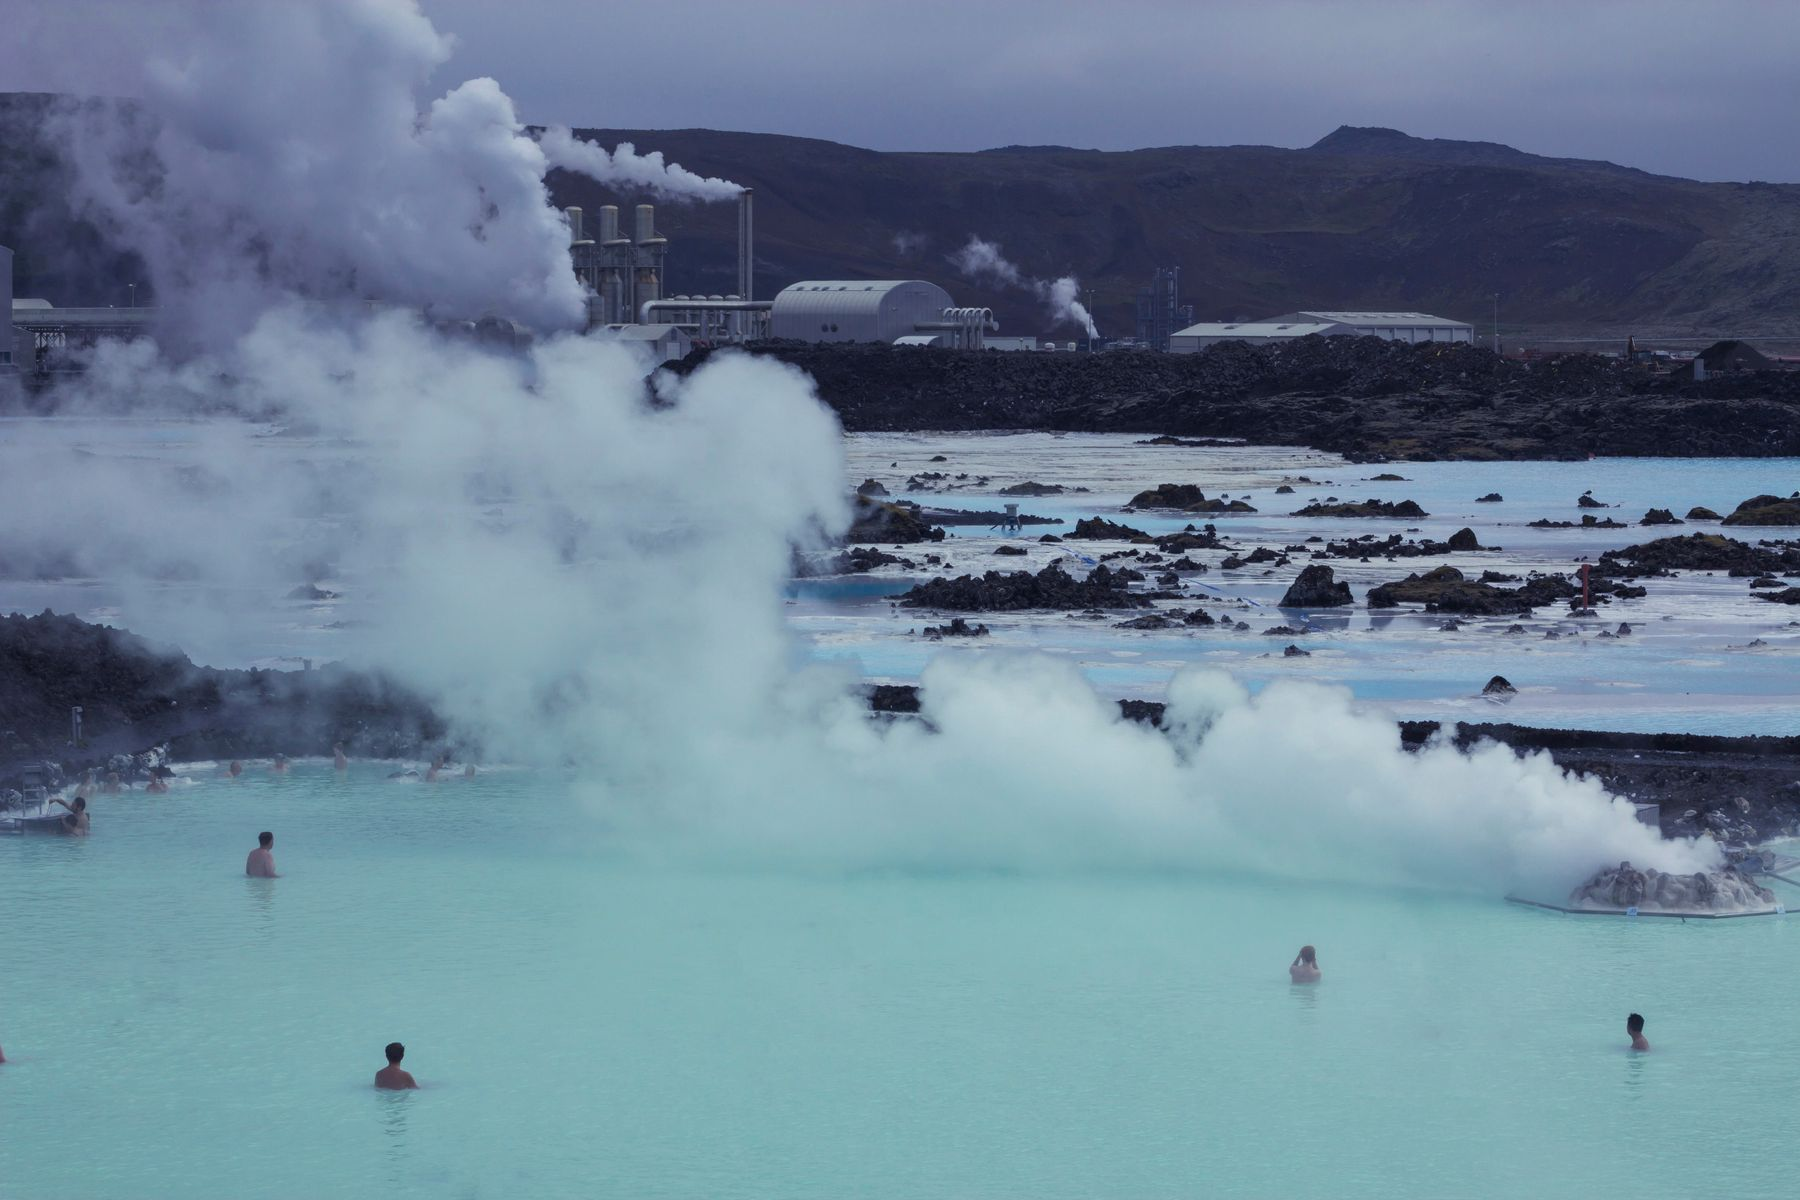 Купание в термальных бассейнах Голубой Лагуны в Исландии помогает при псориазе